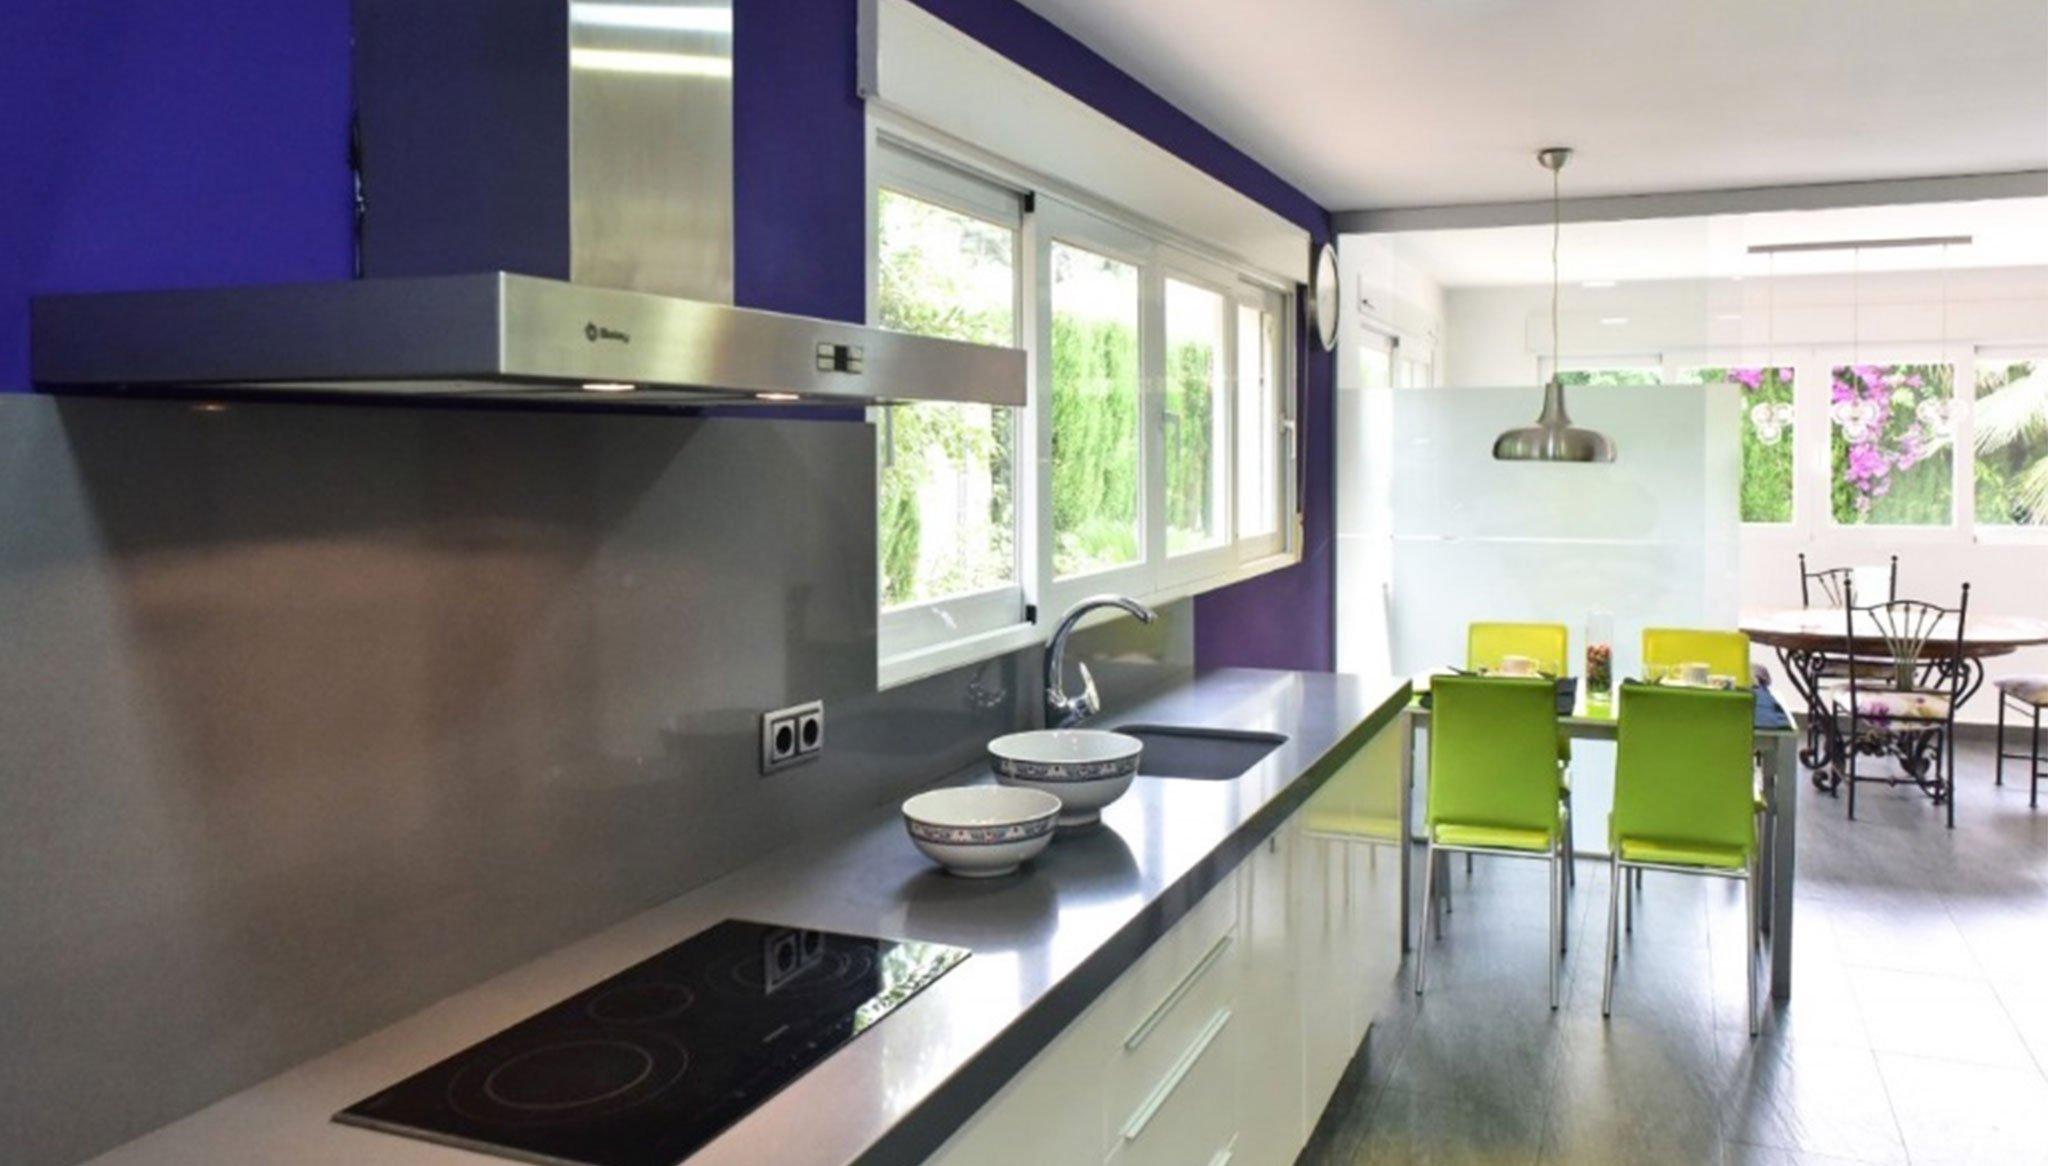 Cocina moderna en un chalet en venta en la zona Toscal de Jávea – Terramar Costa Blanca